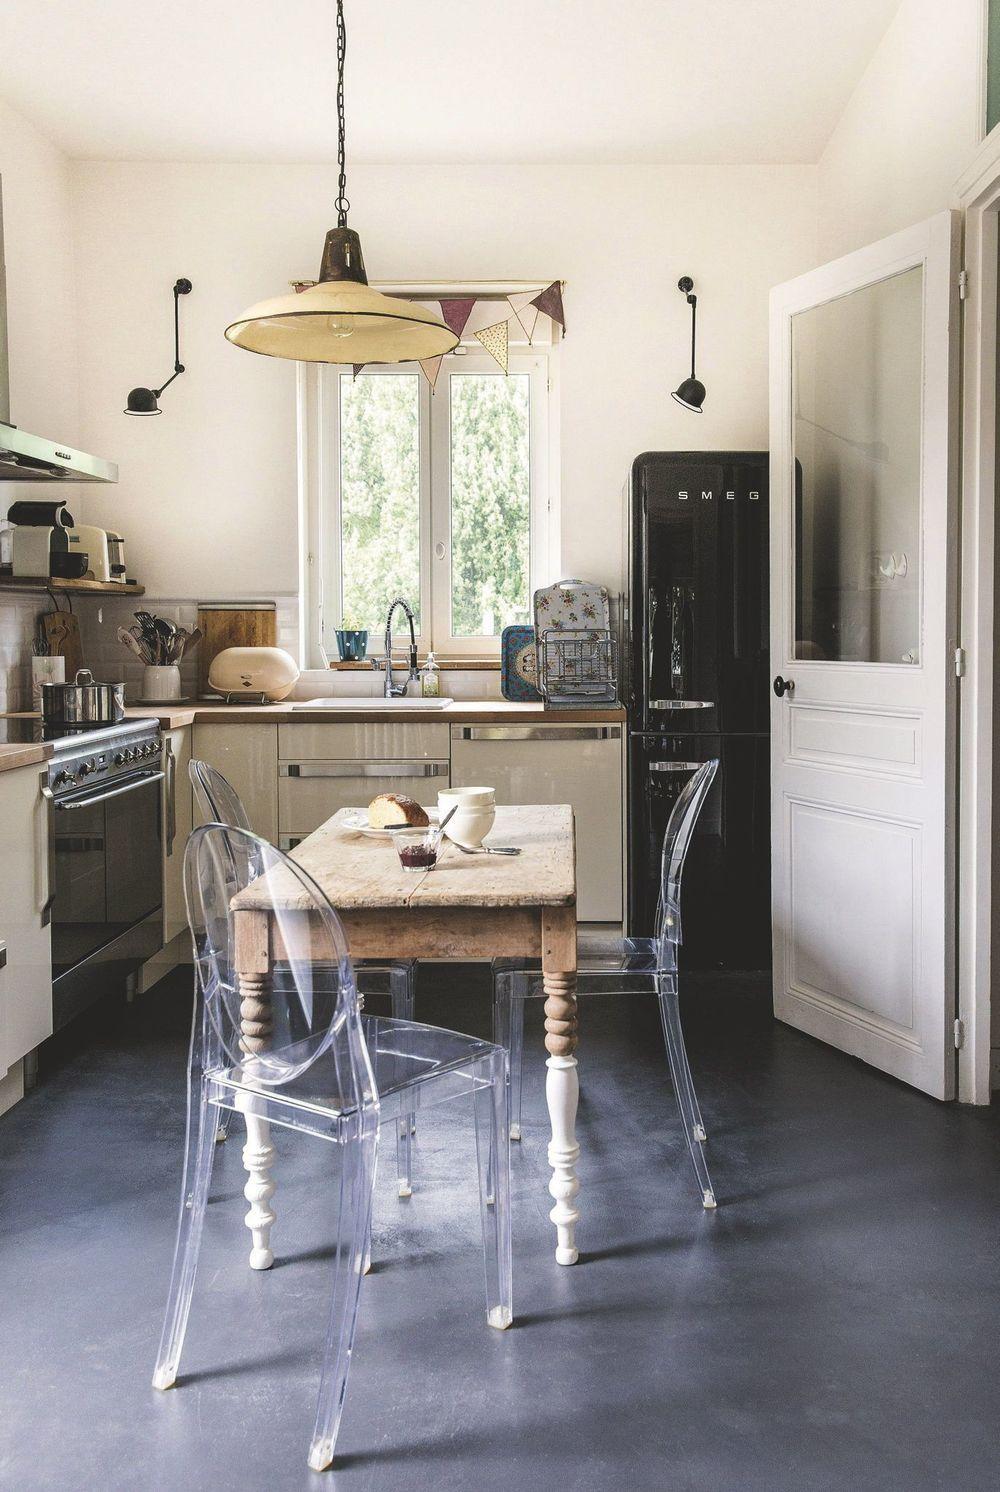 Maison De Famille Pres De Paris Cuisines Maison Cuisines Design Et Relooker Cuisine